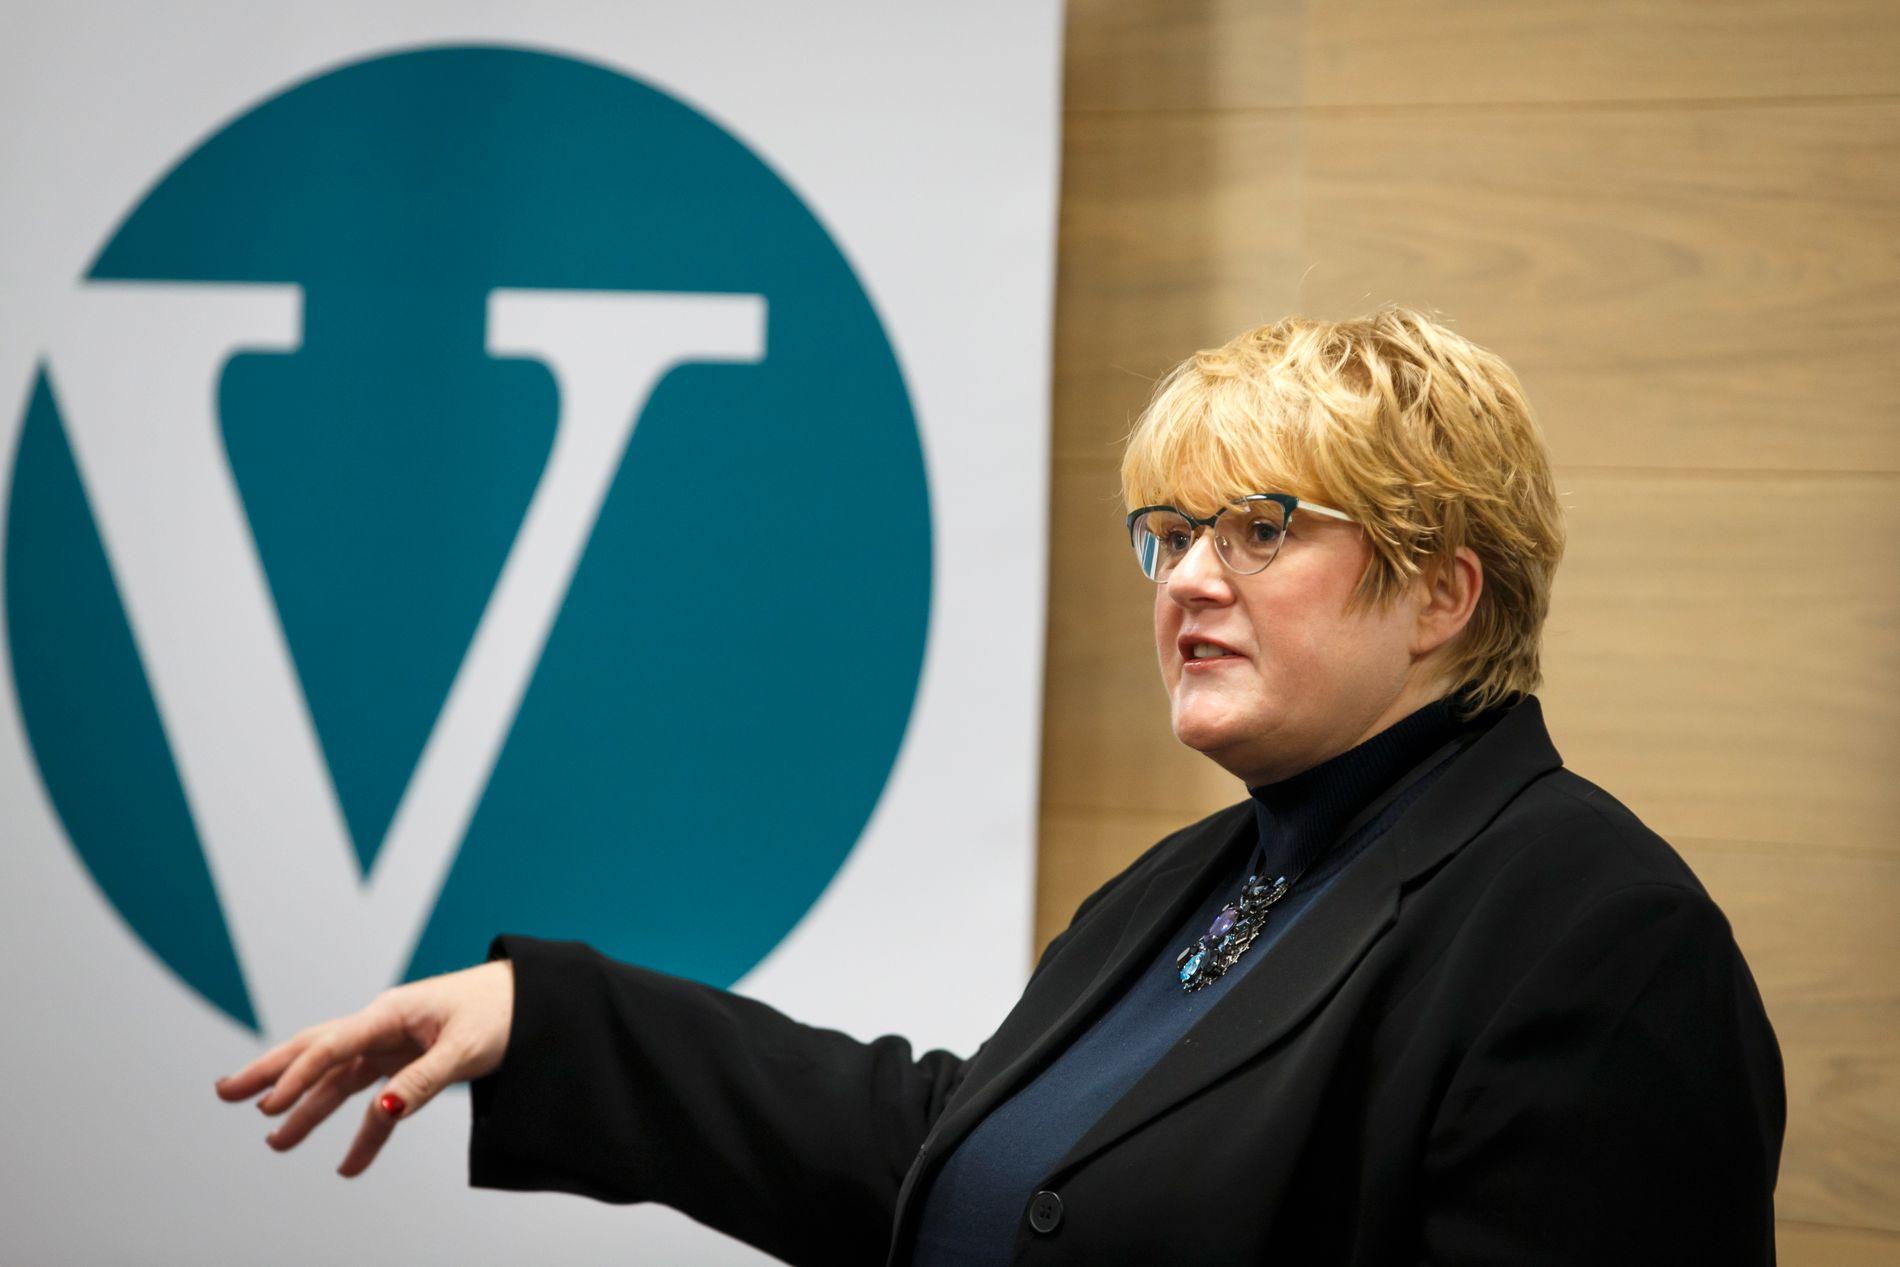 HELT GRØNT: Venstre-leder Trine Skei Grande under partiets pressekonferanse tirsdag ettermiddag.